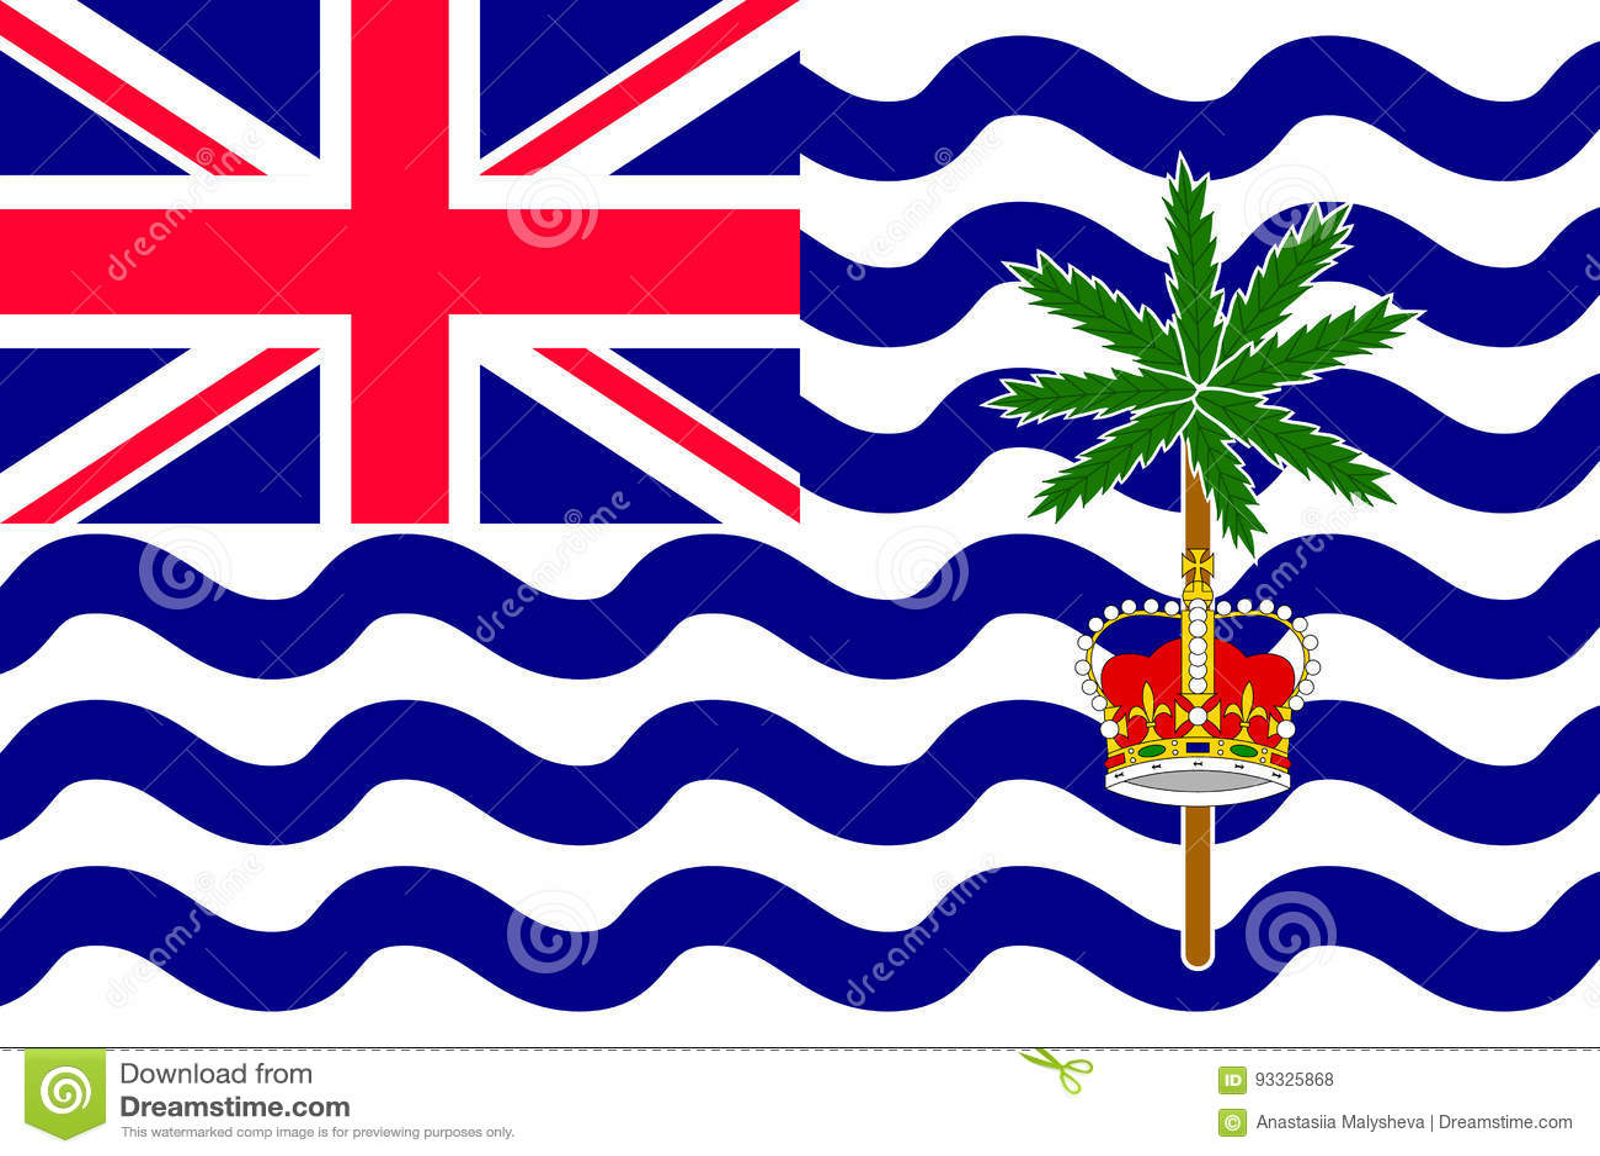 Flaggen-Britisch-Indien-Ozean-Gebiet Vektor Abbildung - Illustration ...